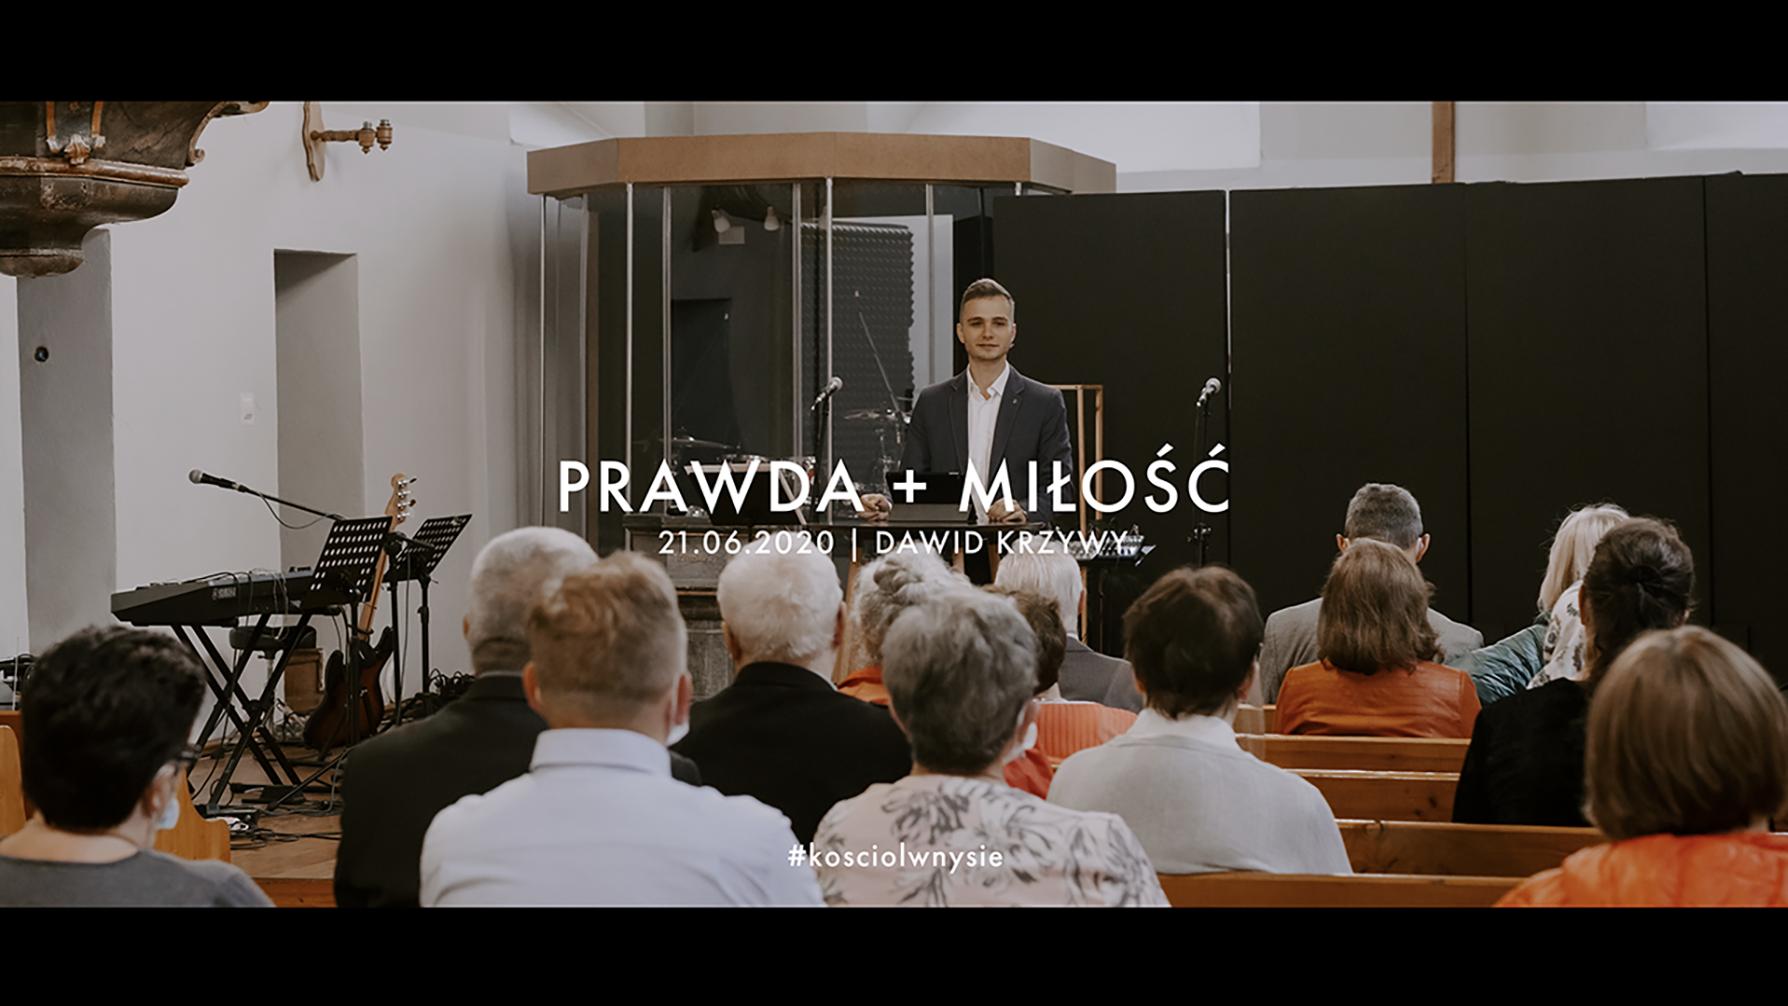 Prawda + Miłość. Dawid Krzywy